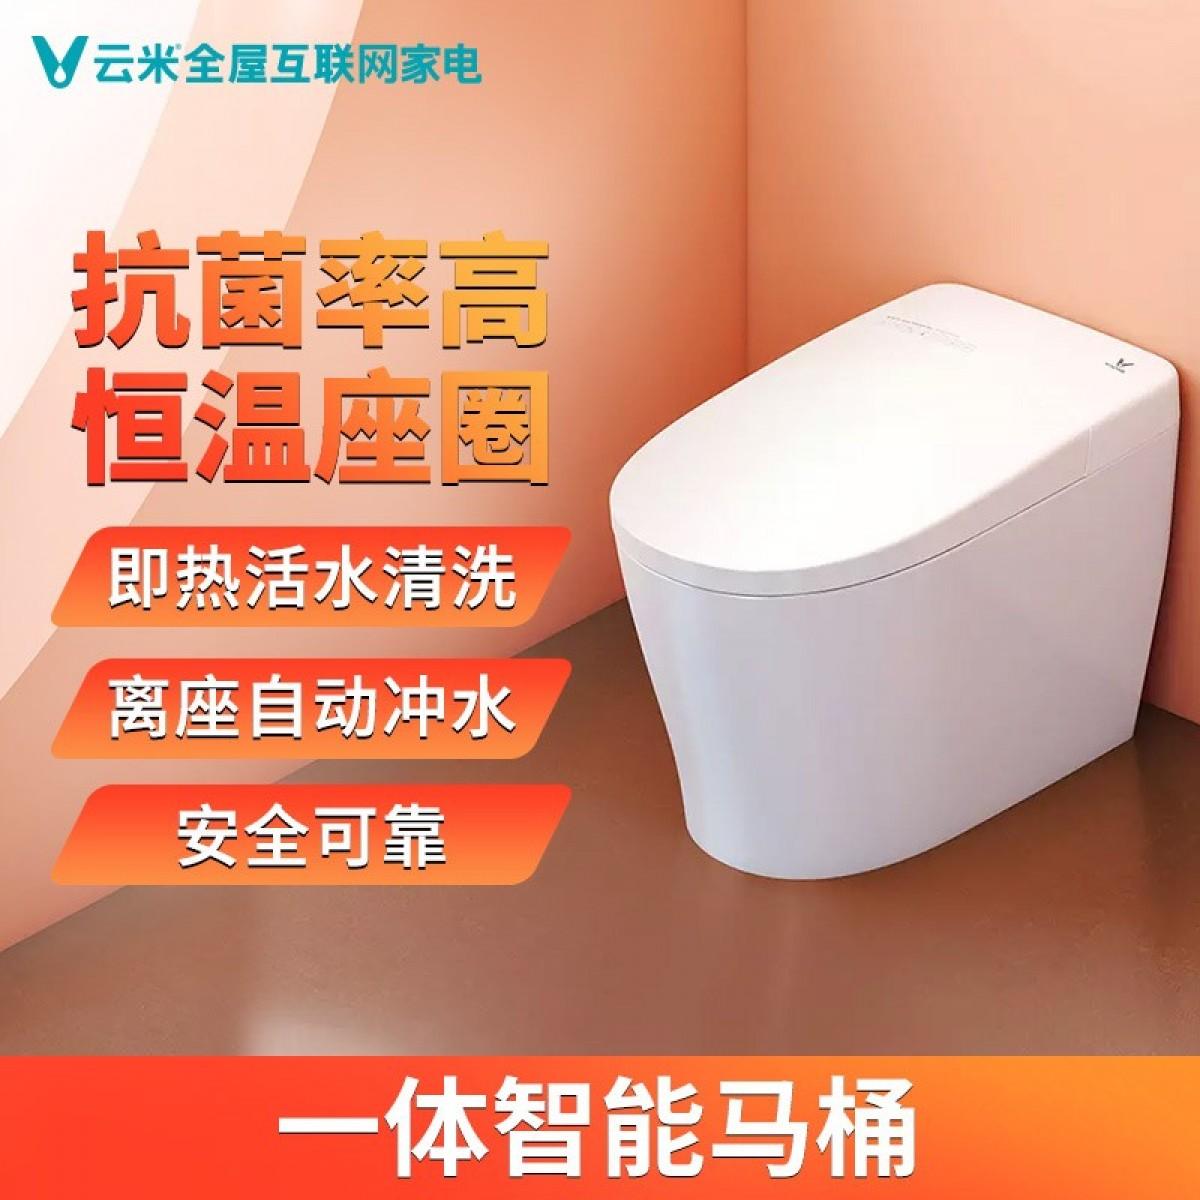 云米(VIOMI) 智能马桶全自动一体式坐便器即热式冲洗烘干妇洗多功能电动坐便器卫浴小鲸鱼 VZMT04